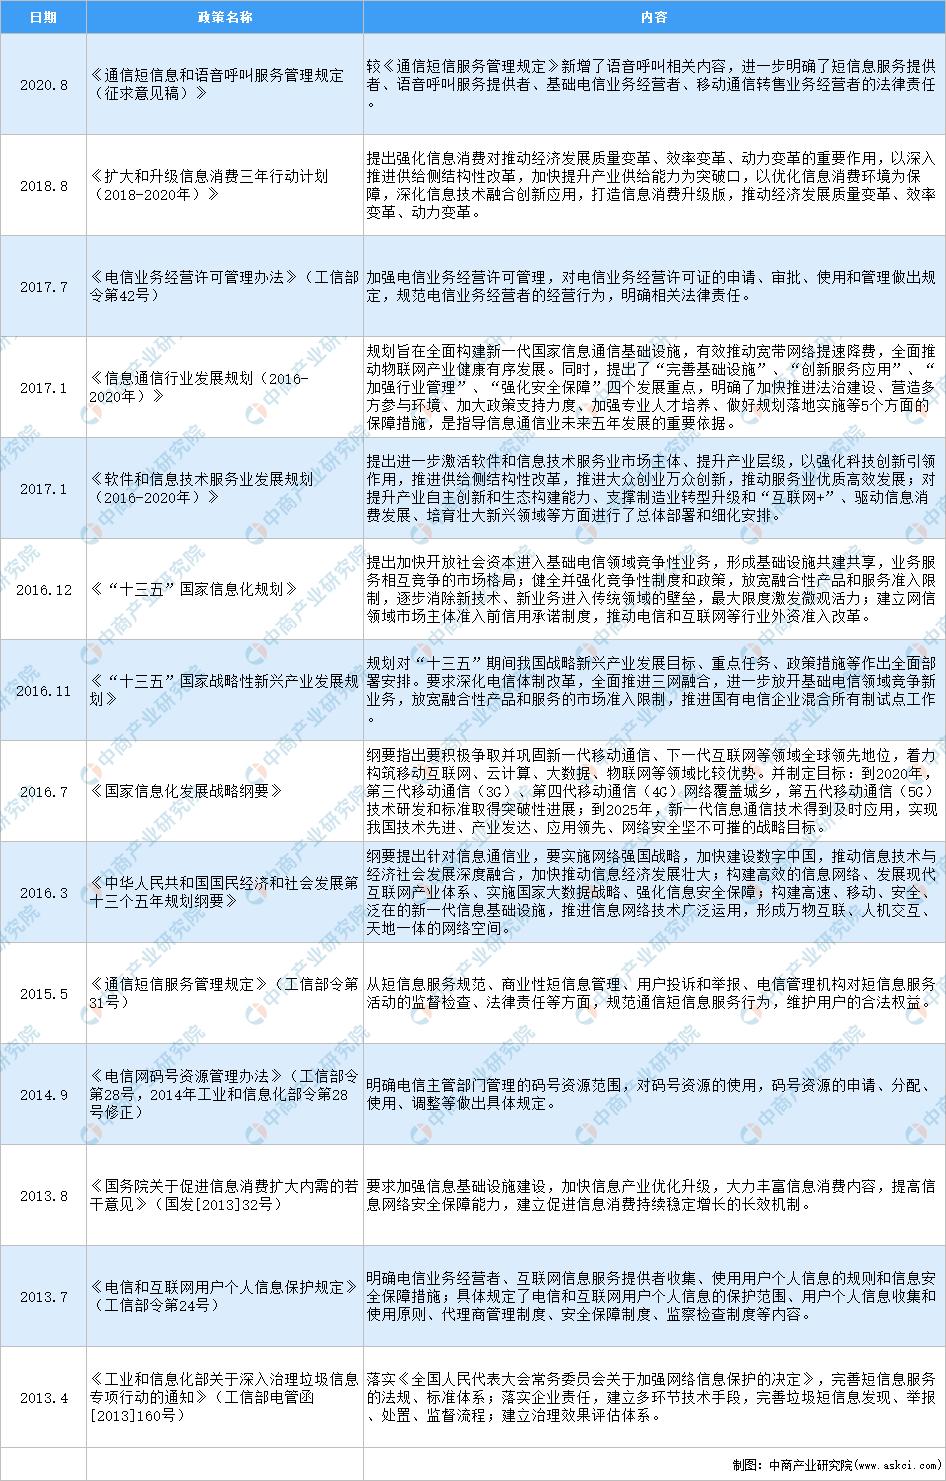 2020年中国移动信息服务行业最新政策汇总一览(图)